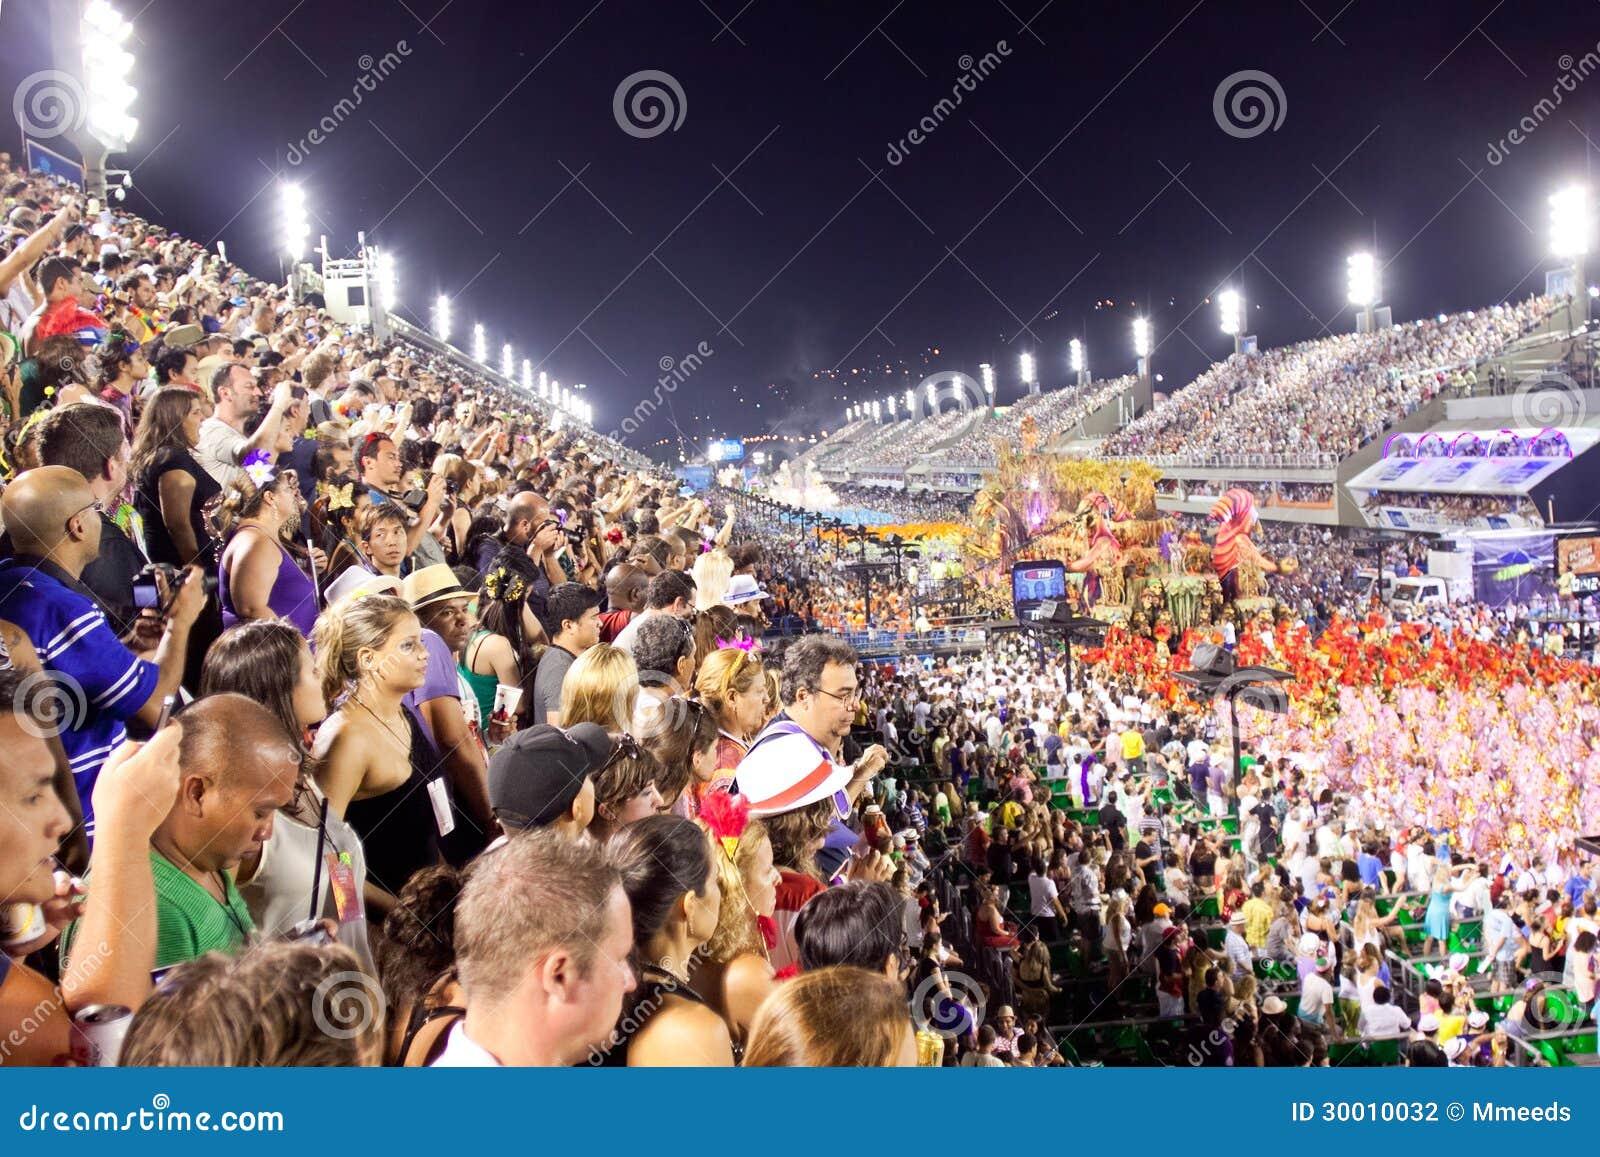 ΡΊΟ ΝΤΕ ΤΖΑΝΈΙΡΟ - ΣΤΙΣ 11 ΦΕΒΡΟΥΑΡΊΟΥ: Οι θεατές καλωσορίζουν τους συμμετέχοντες επάνω